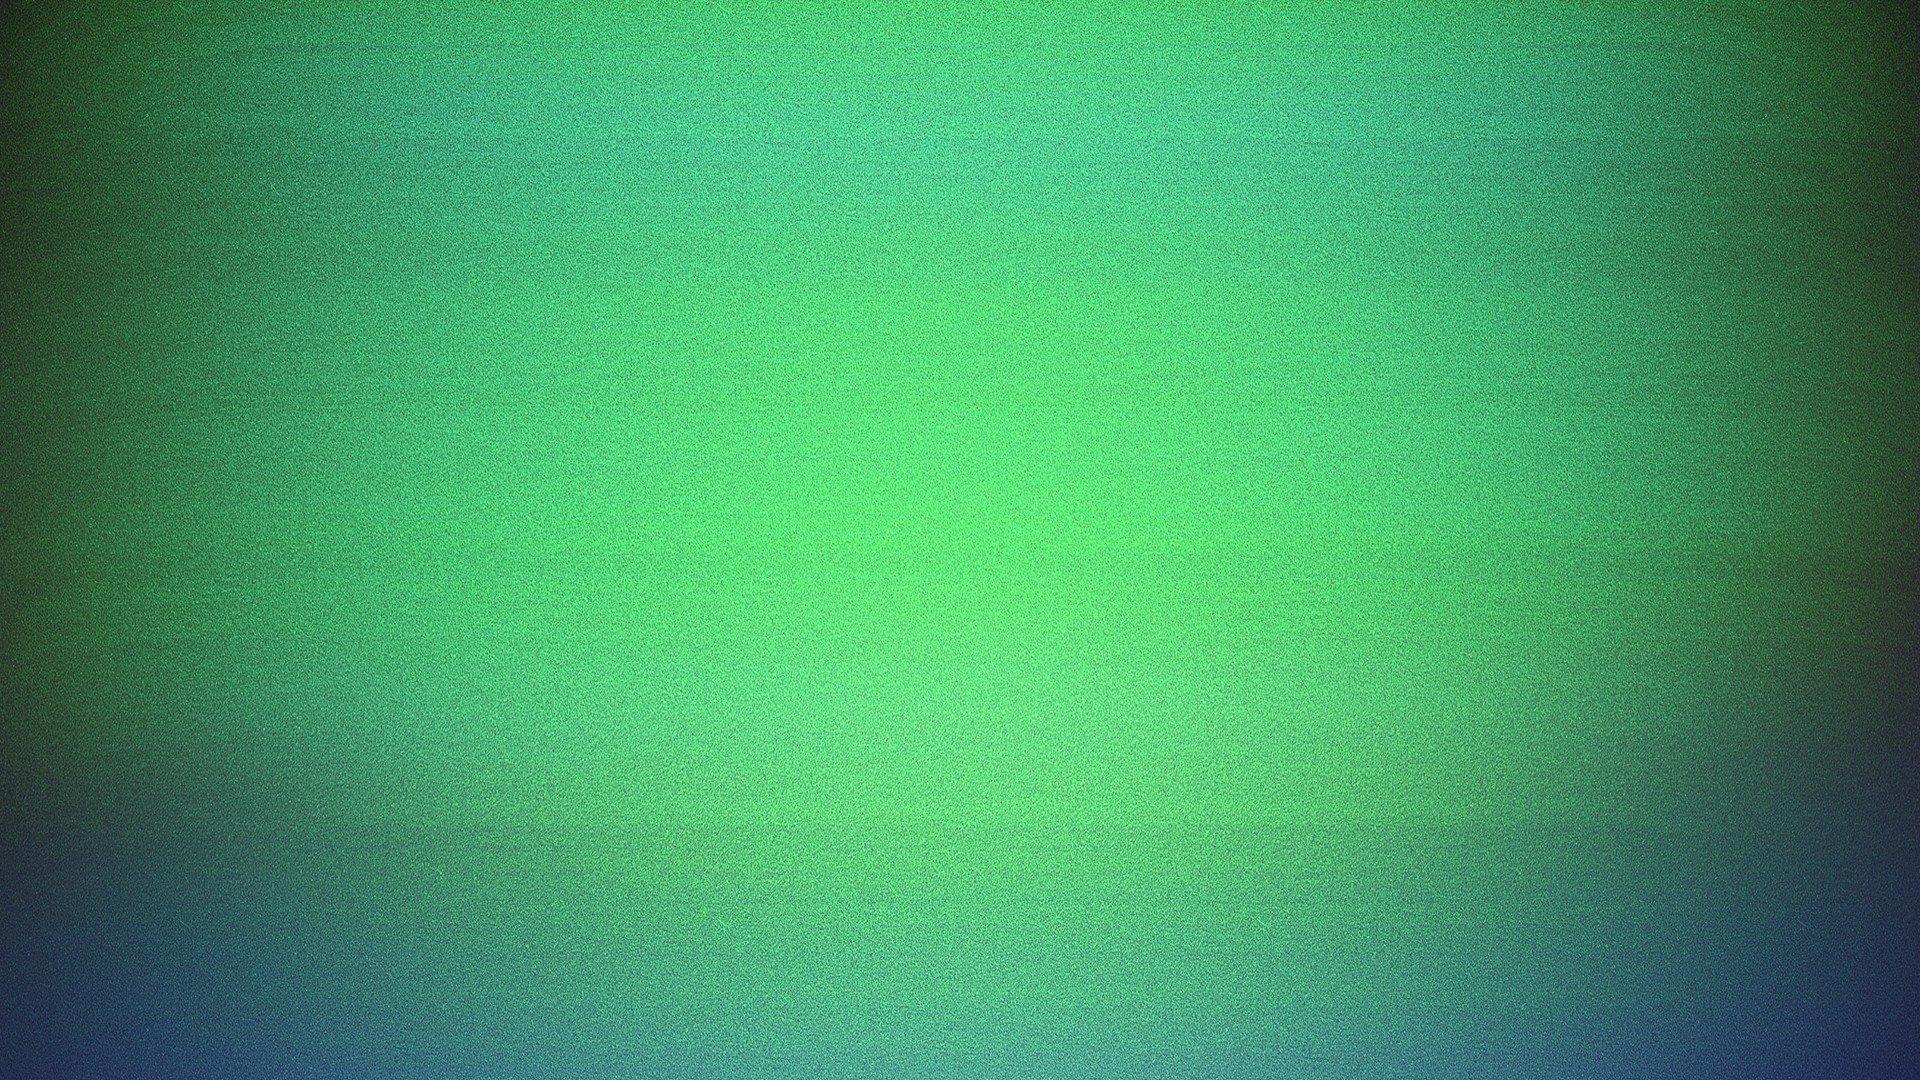 Masaüstü 1920x1080 Piksel Yeşil Yeşil Arka Plan 1920x1080